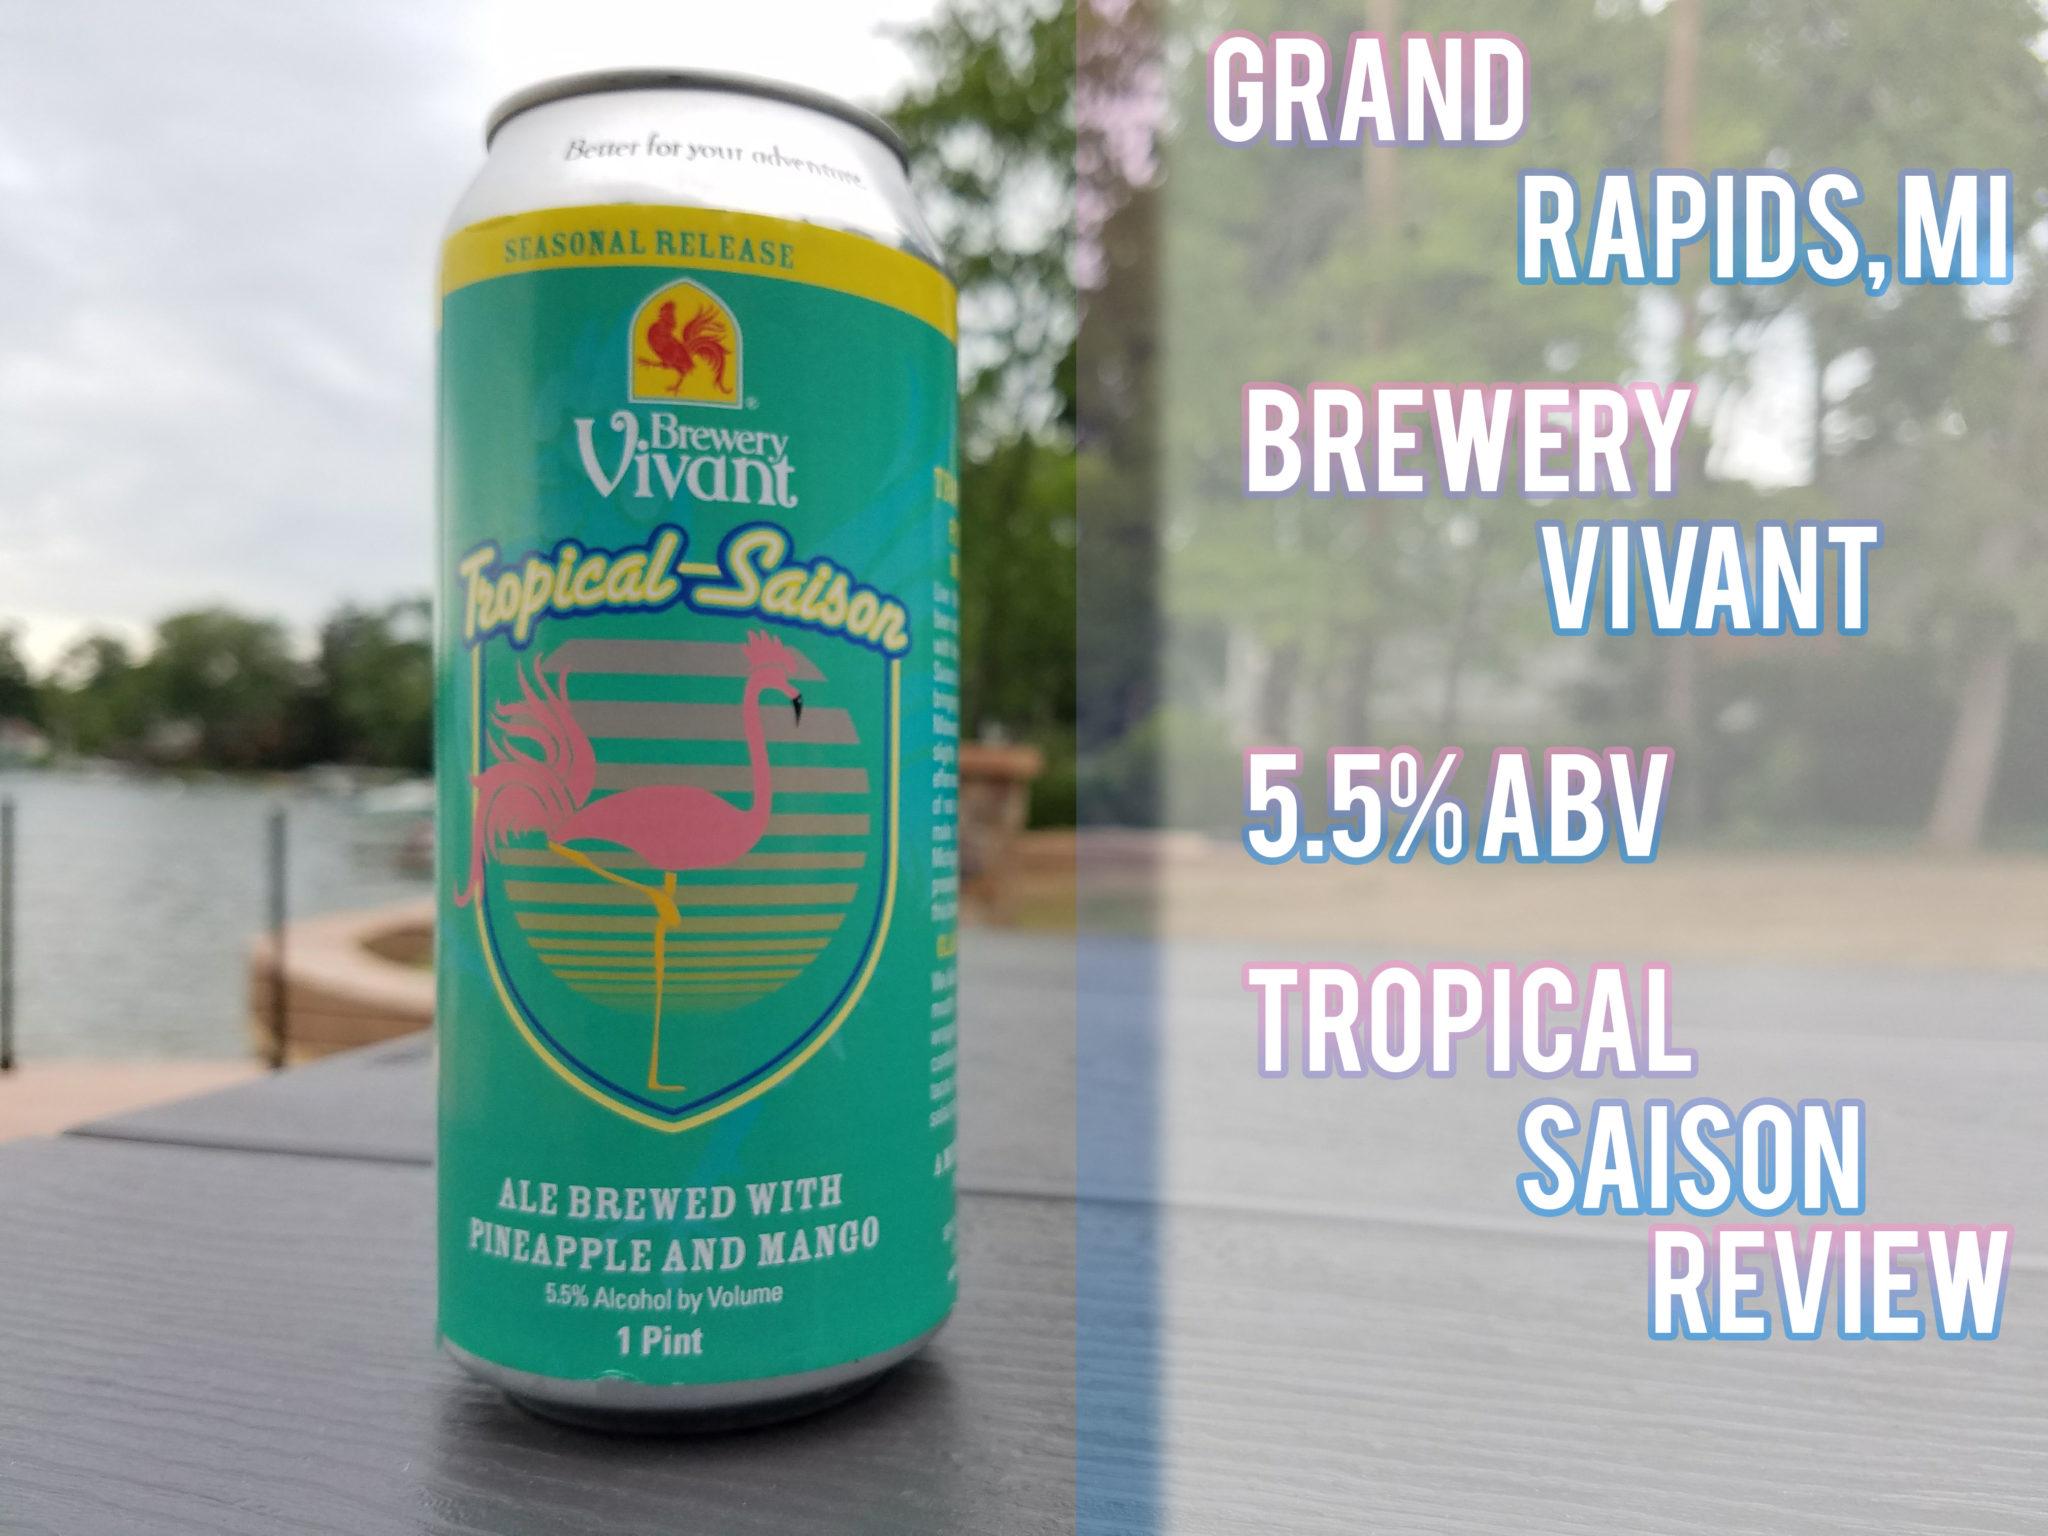 Brewery Vivant's Tropical Saison Review